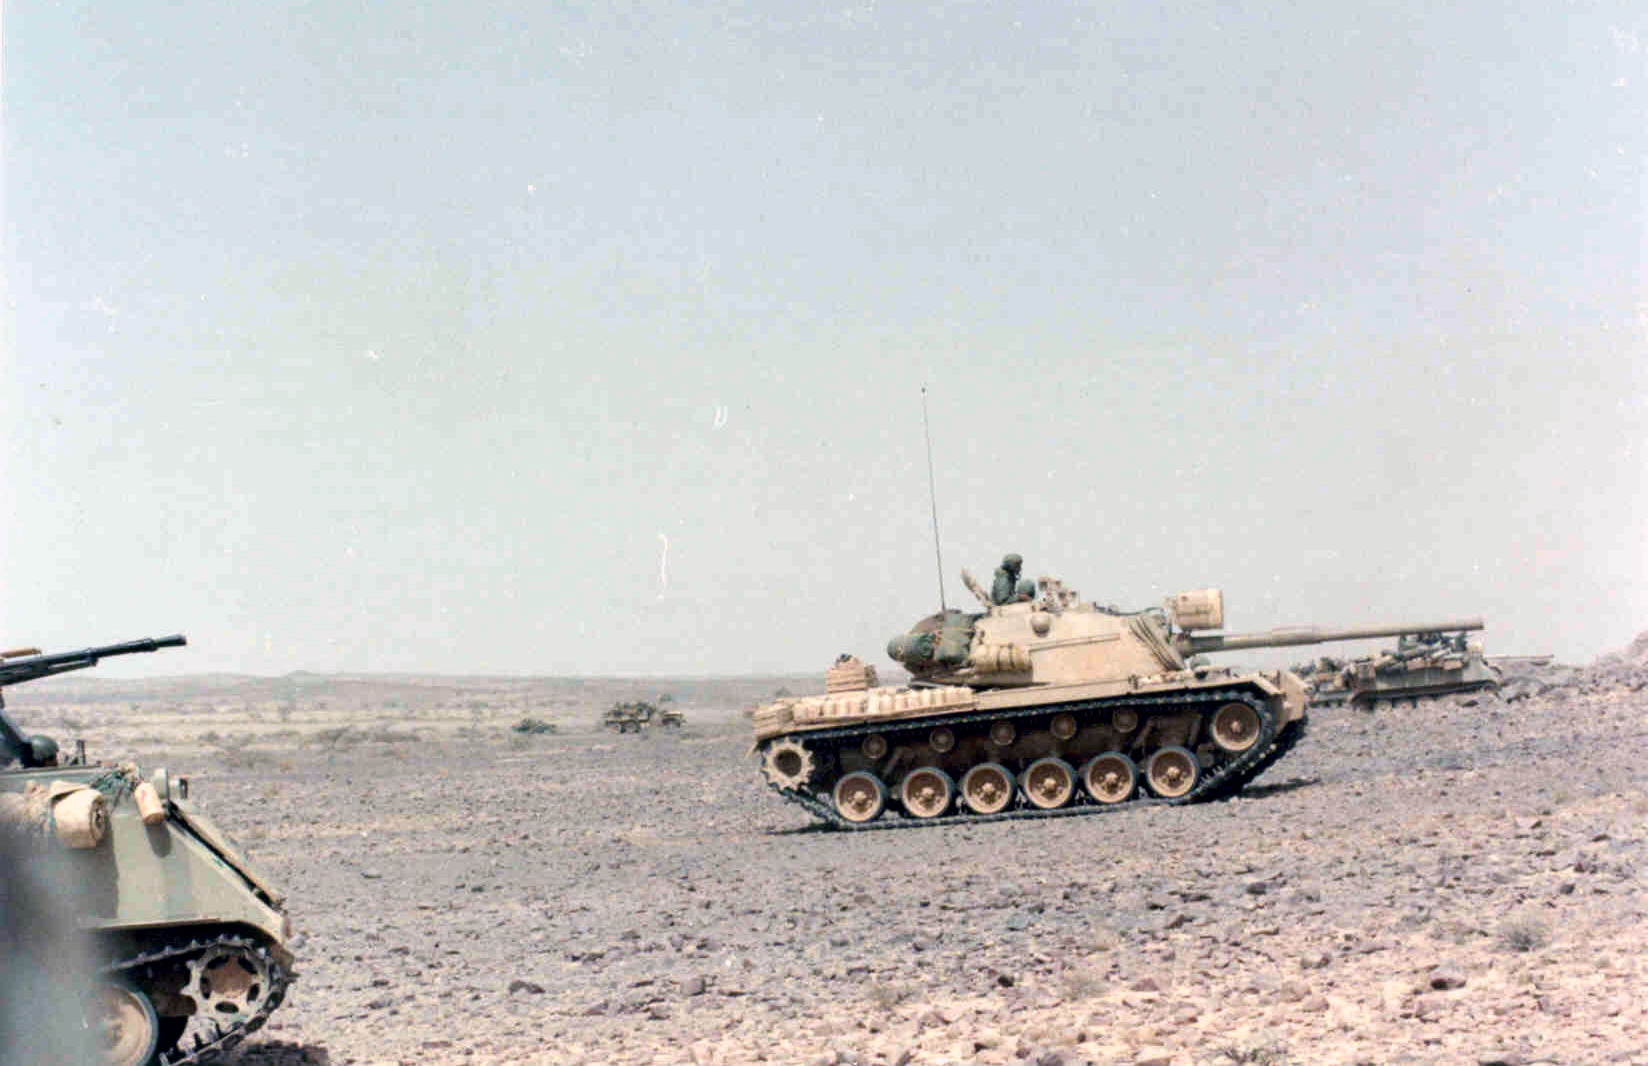 La Bataille de Farsia - 18 novembre 1987 - Page 2 50614975888_6f0a1ab743_o_d